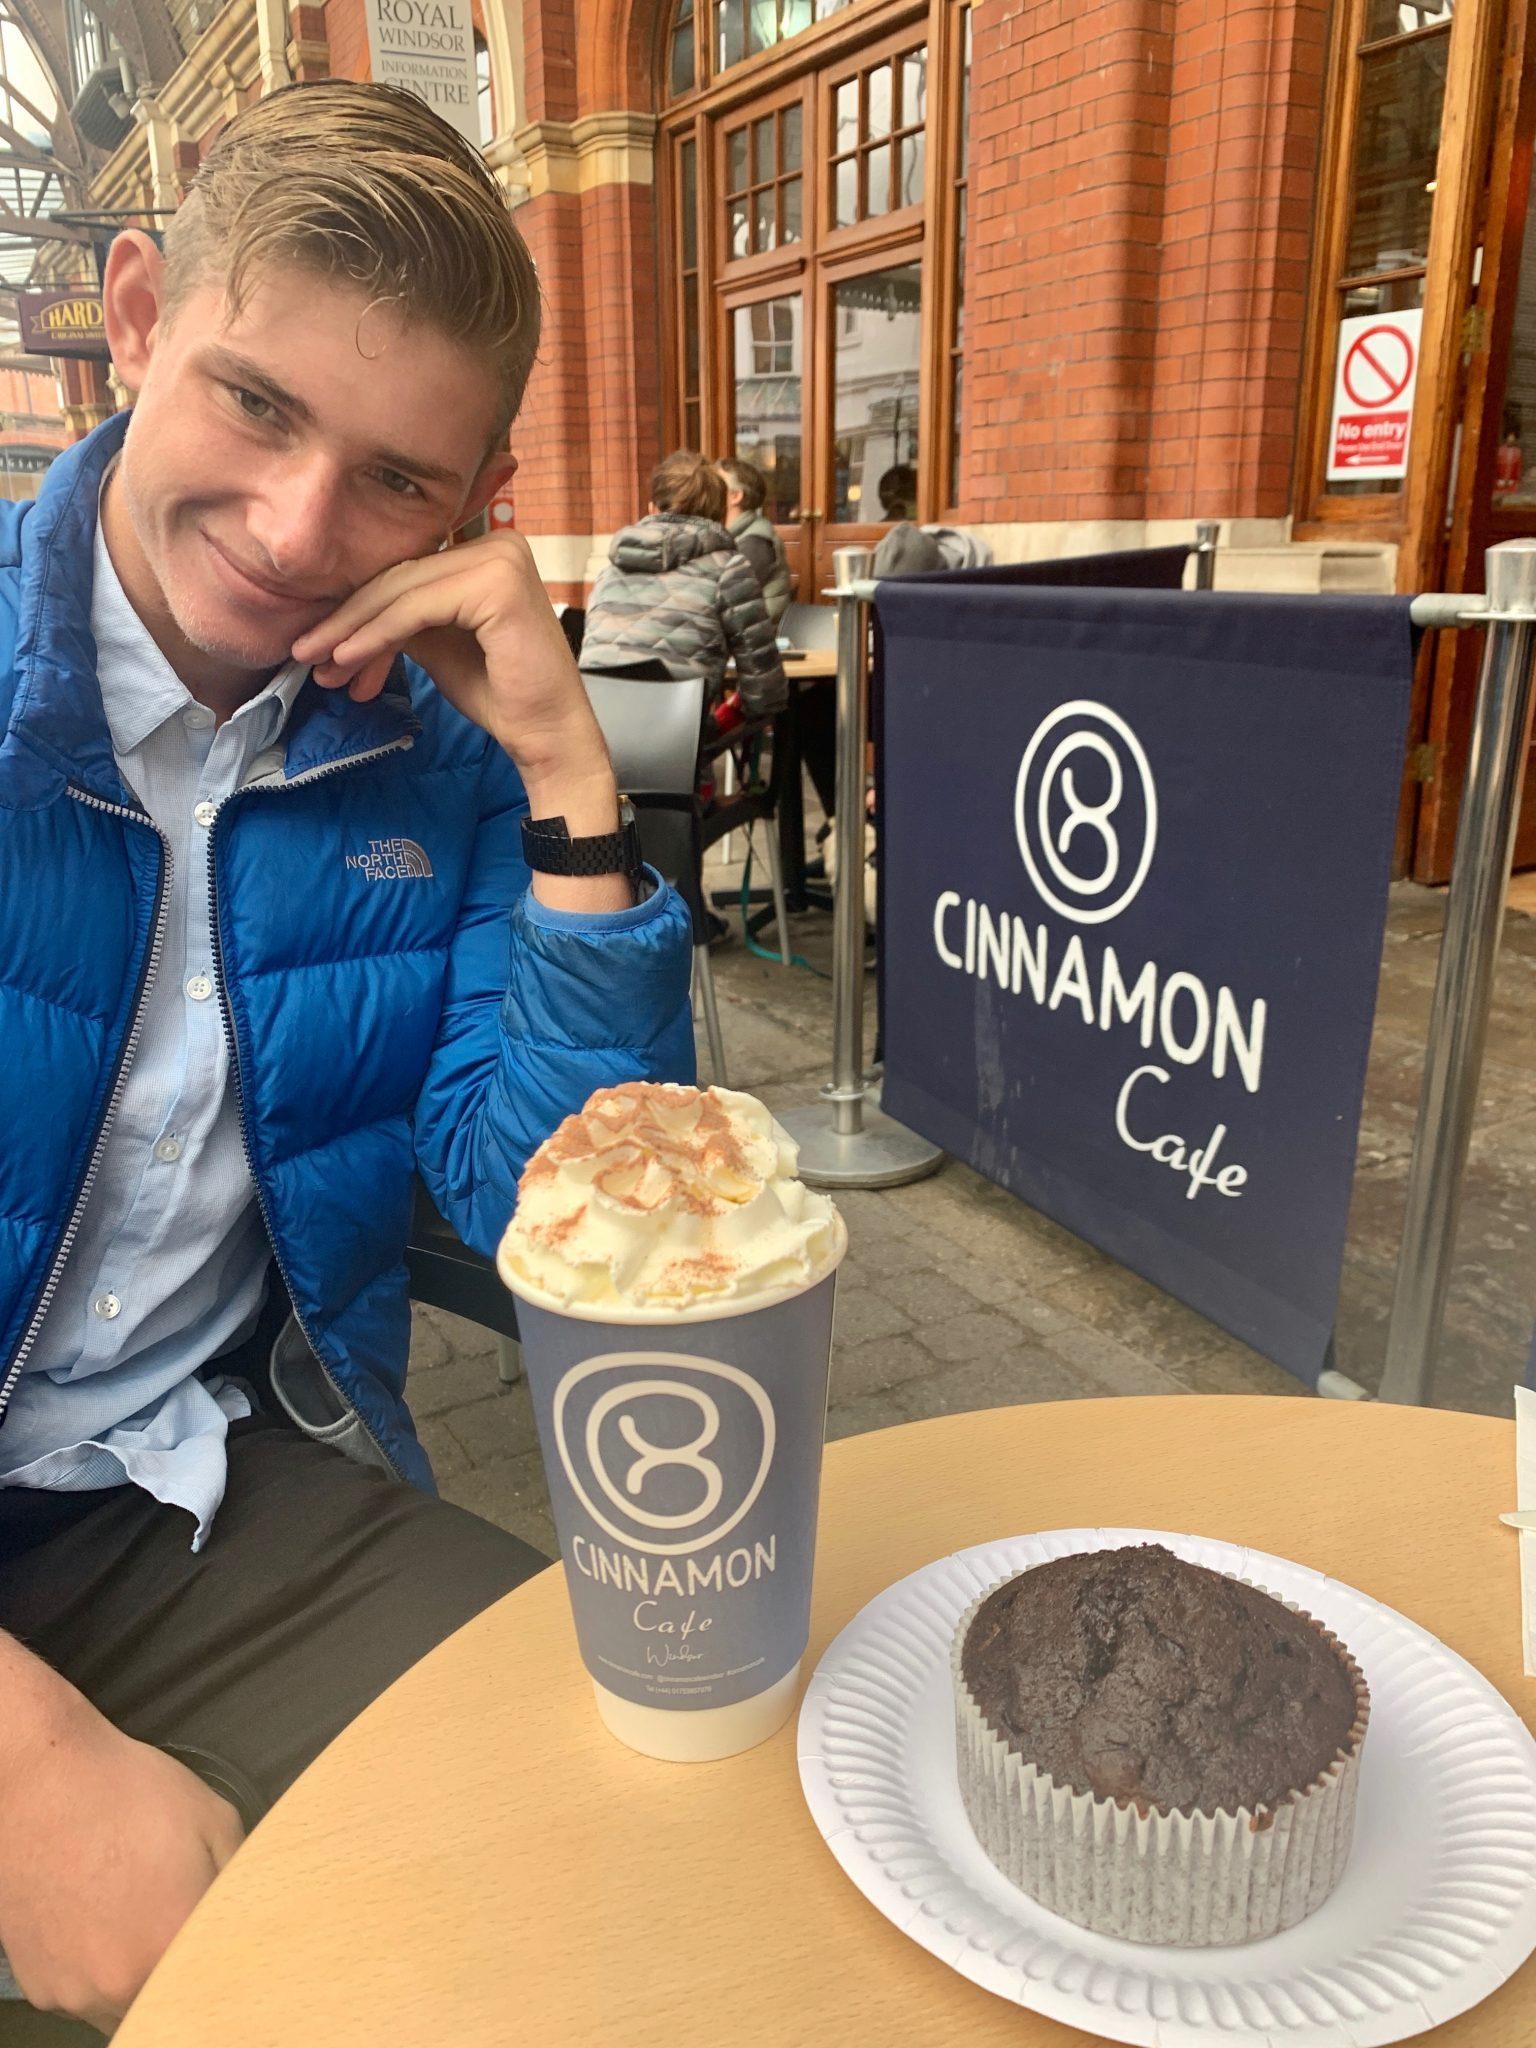 cinnamon cafe was delicious